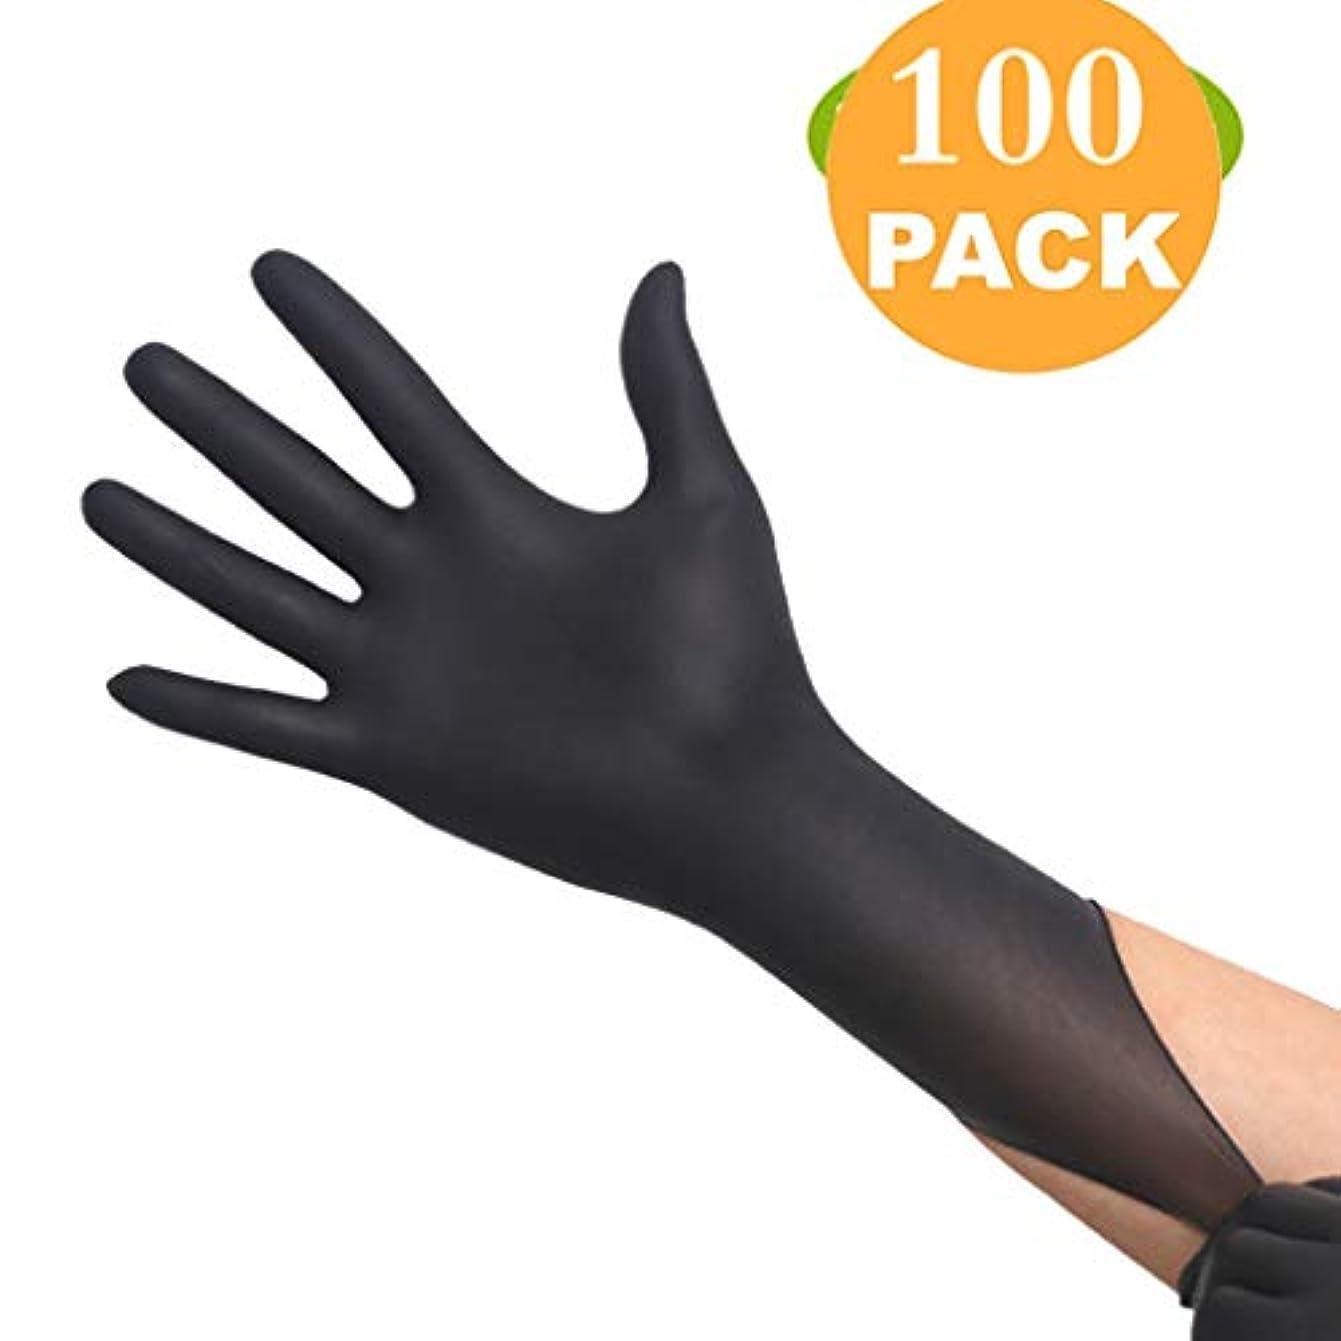 本を読む契約したスカルクニトリル手袋100の耐久性の染毛剤タトゥーボックスを厚く9インチブラックニトリル手袋滑り止め (Size : M)